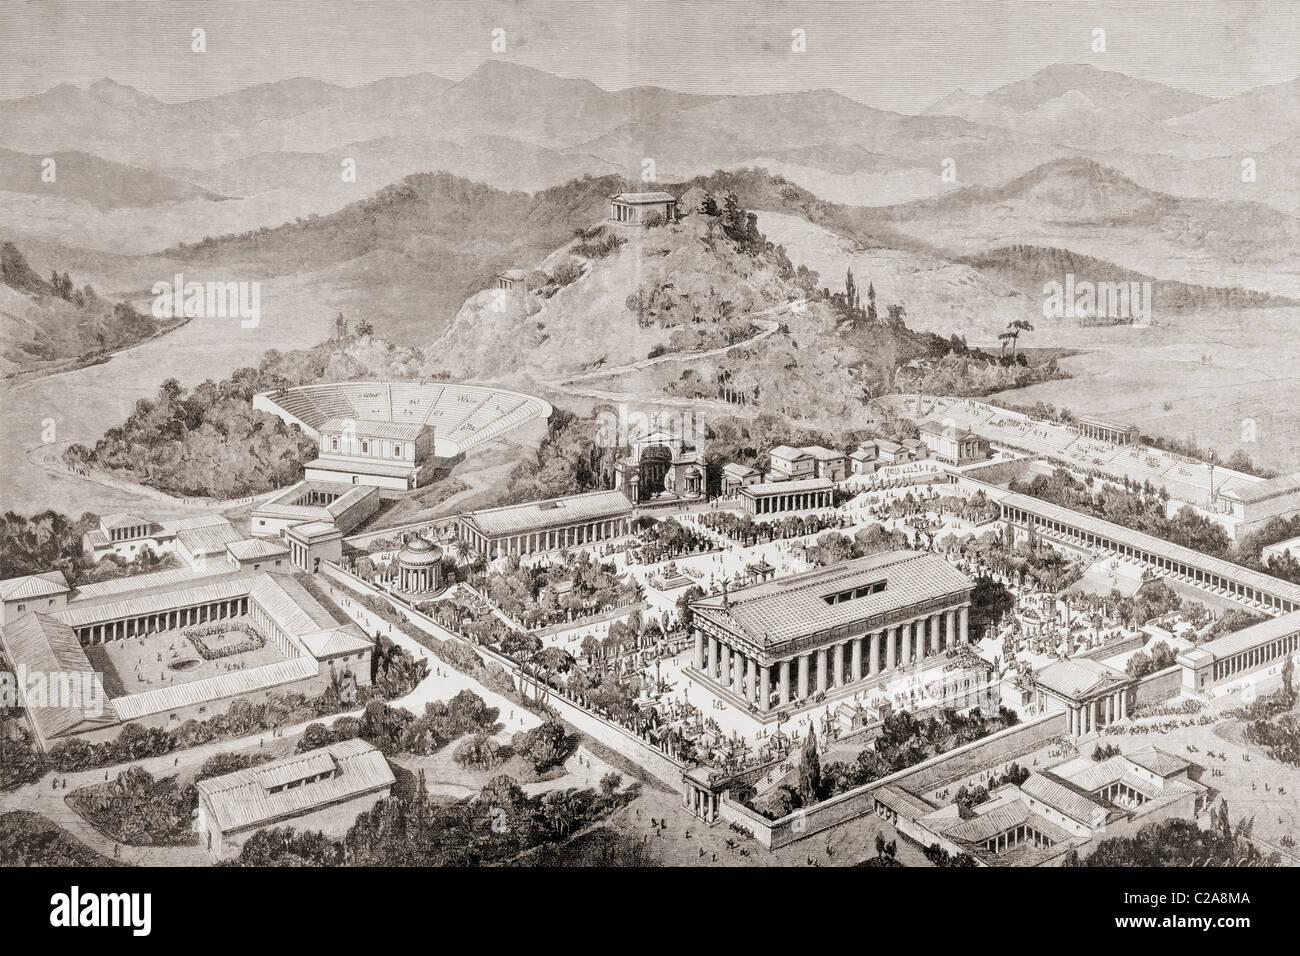 Impresion Artistica De Olimpia En Grecia En La Epoca De Los